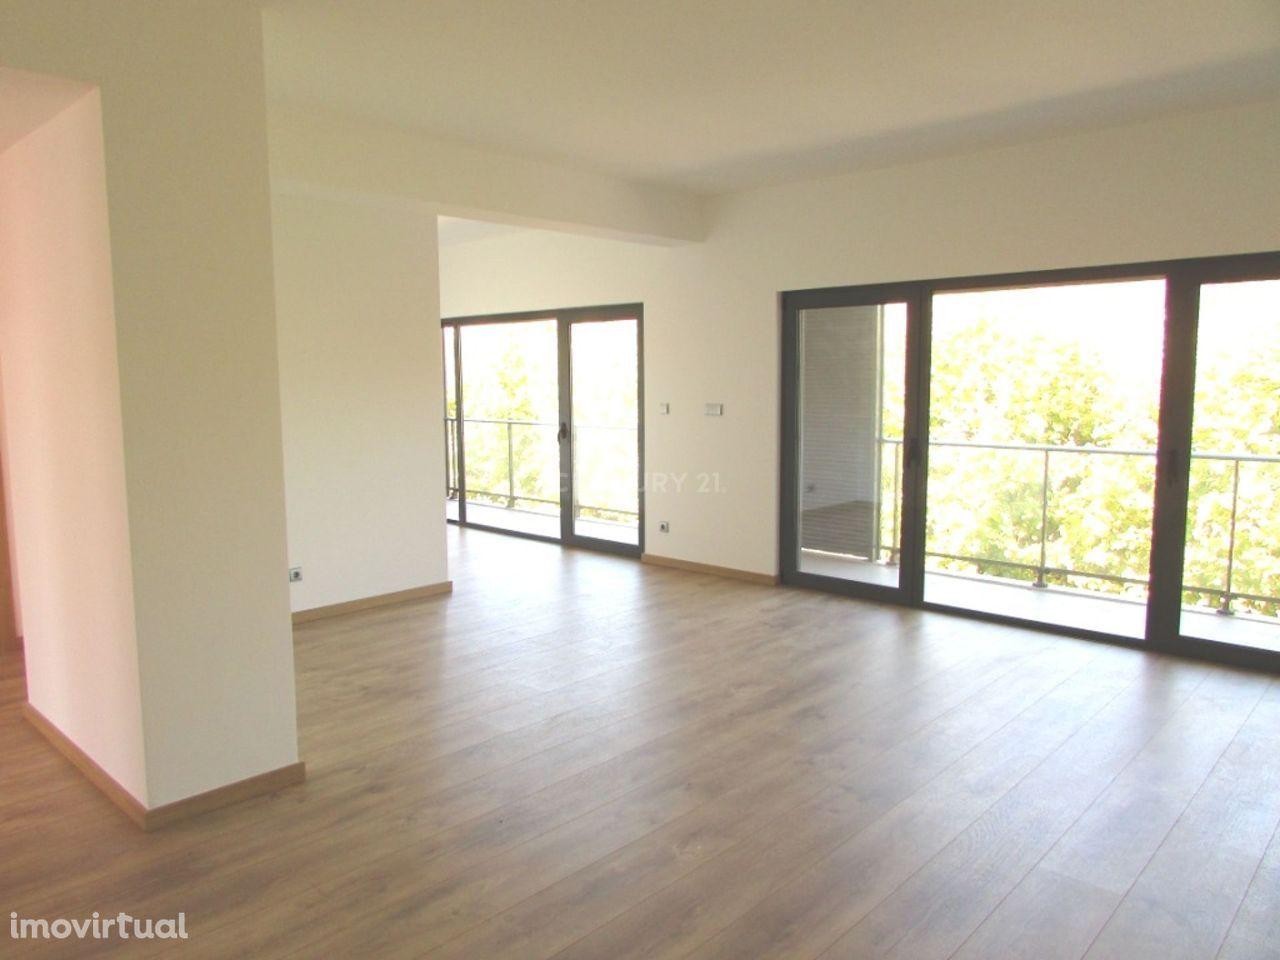 NOVO - Apartamento T2 com varanda e parqueamento em Alhandra